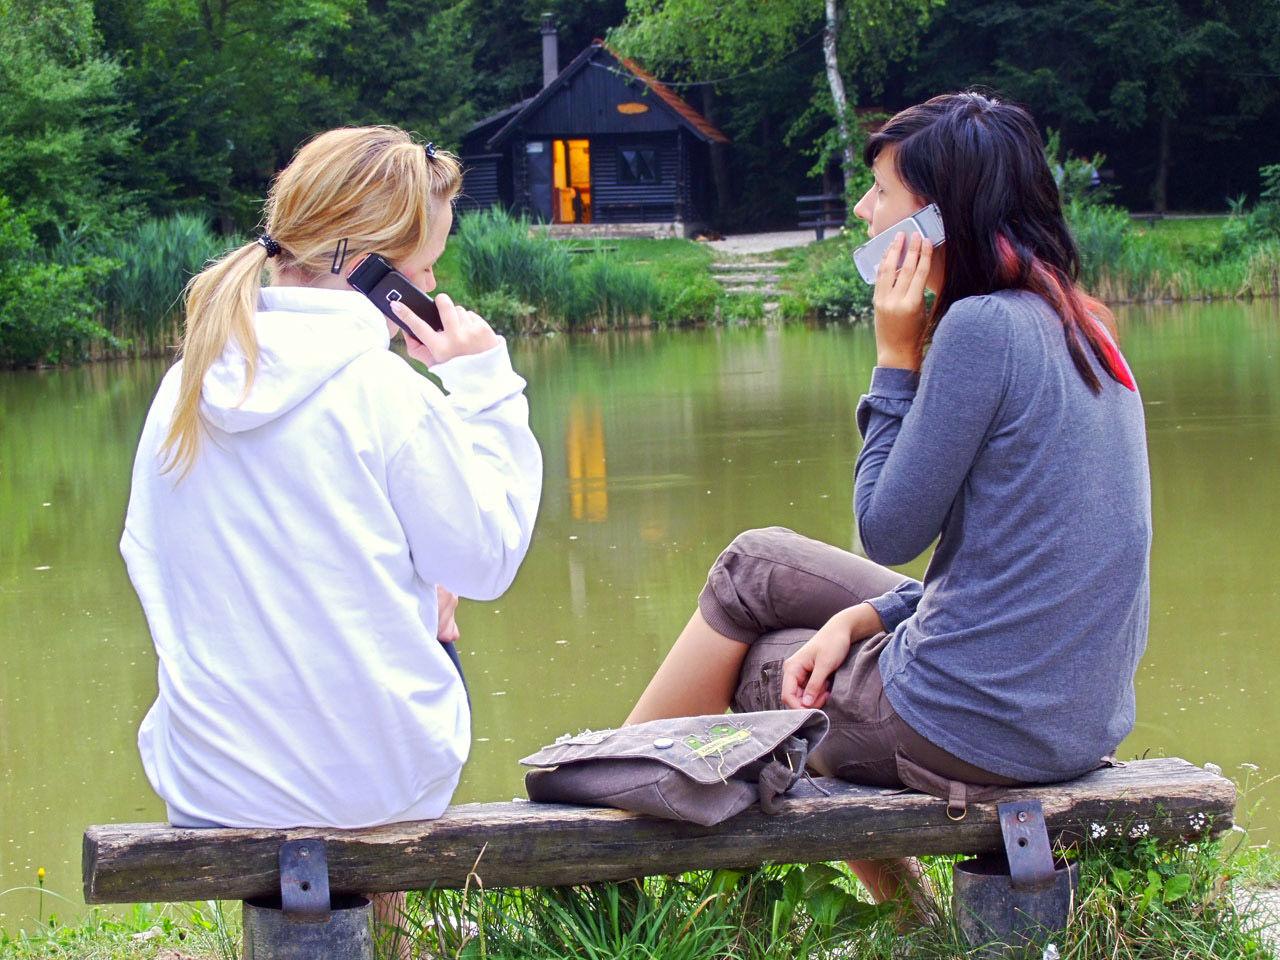 Mobiloperatörer griniga för obegränsad roaming inom EU